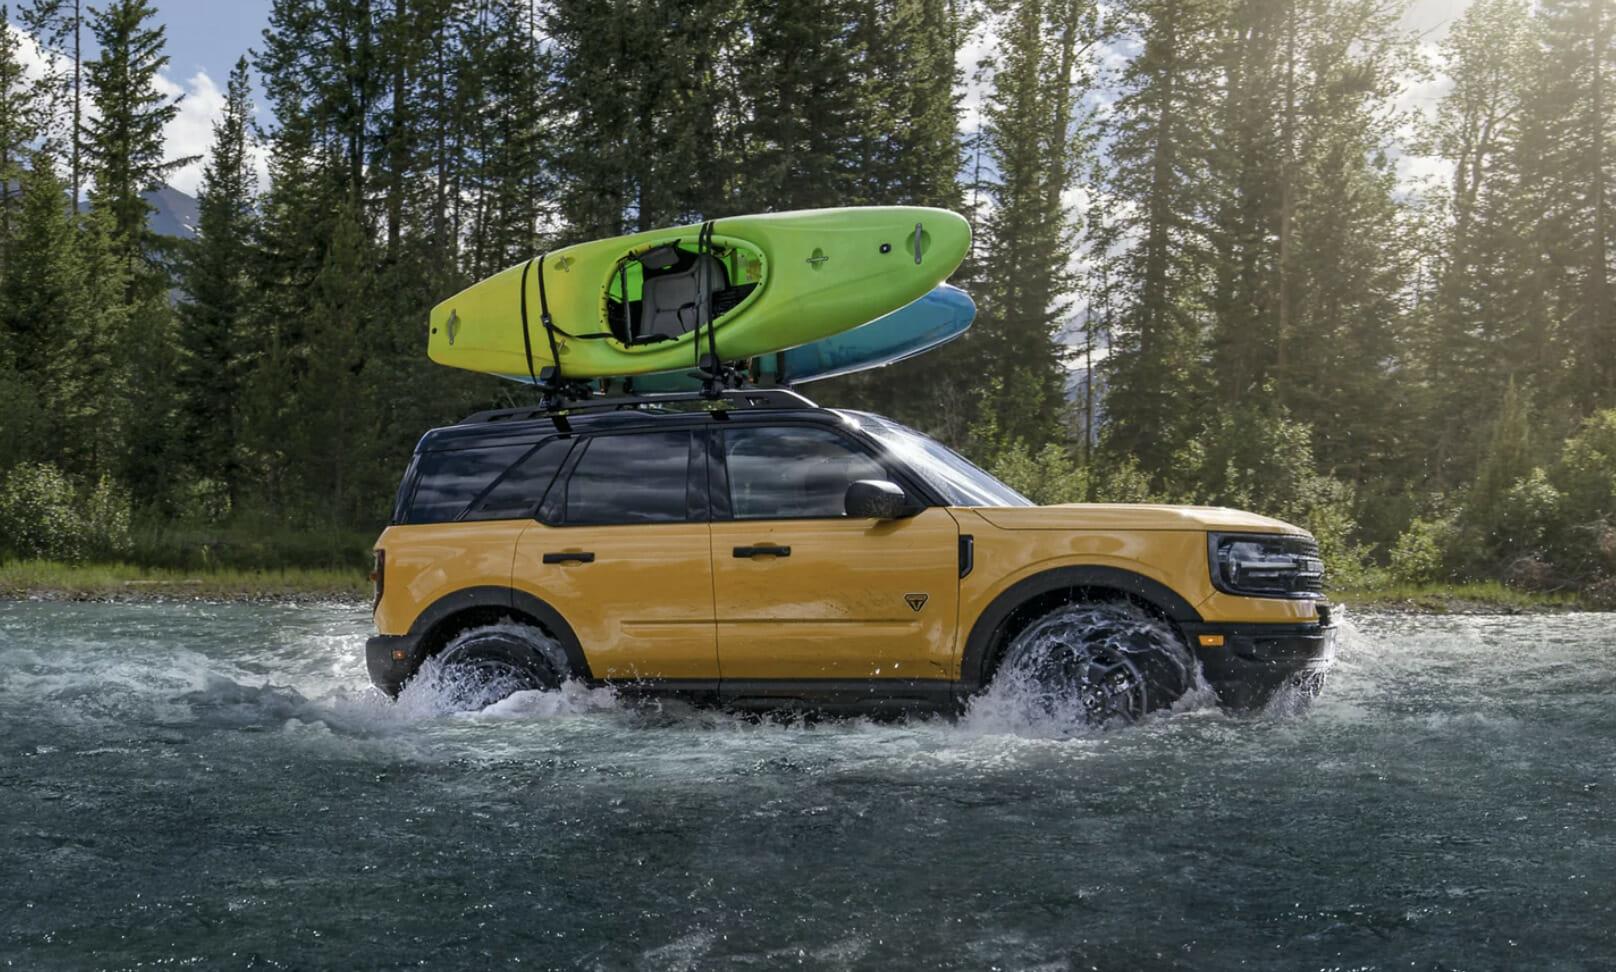 A Ford Bronco drives through a river.